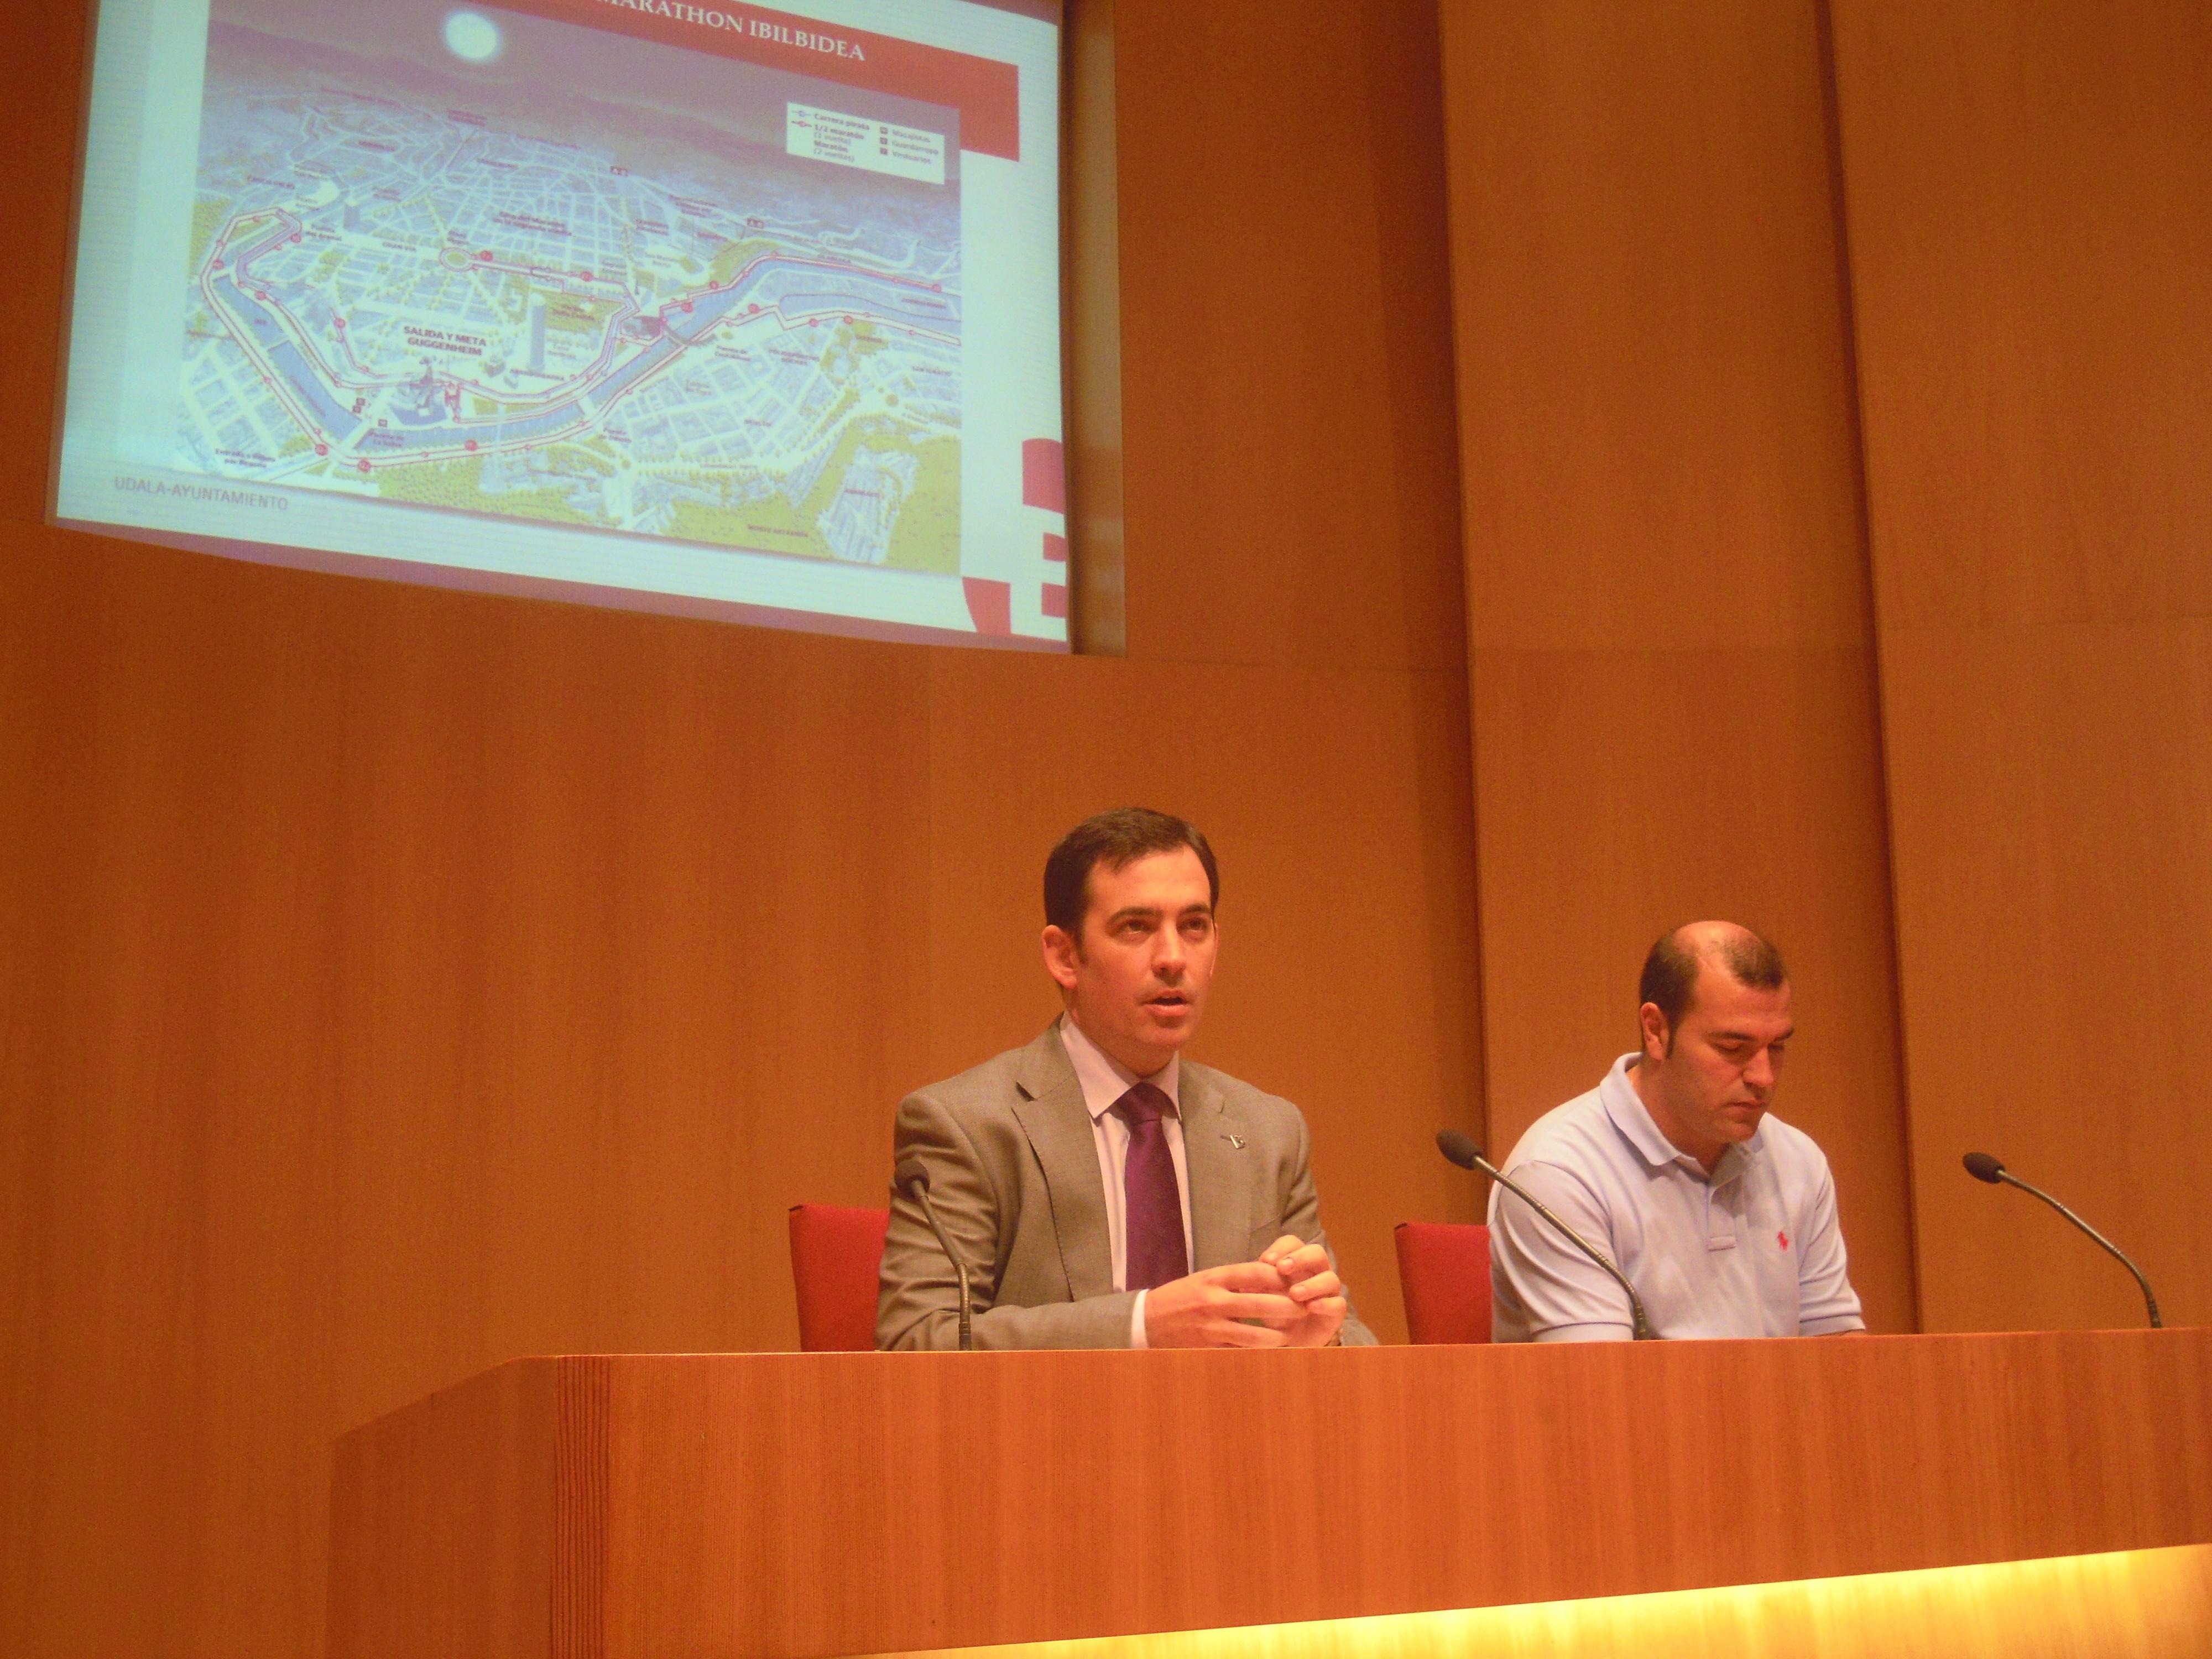 La Bilbao Night Marathon se consolida en su quinta edición con un aumento de 2.000 participantes respecto a 2012